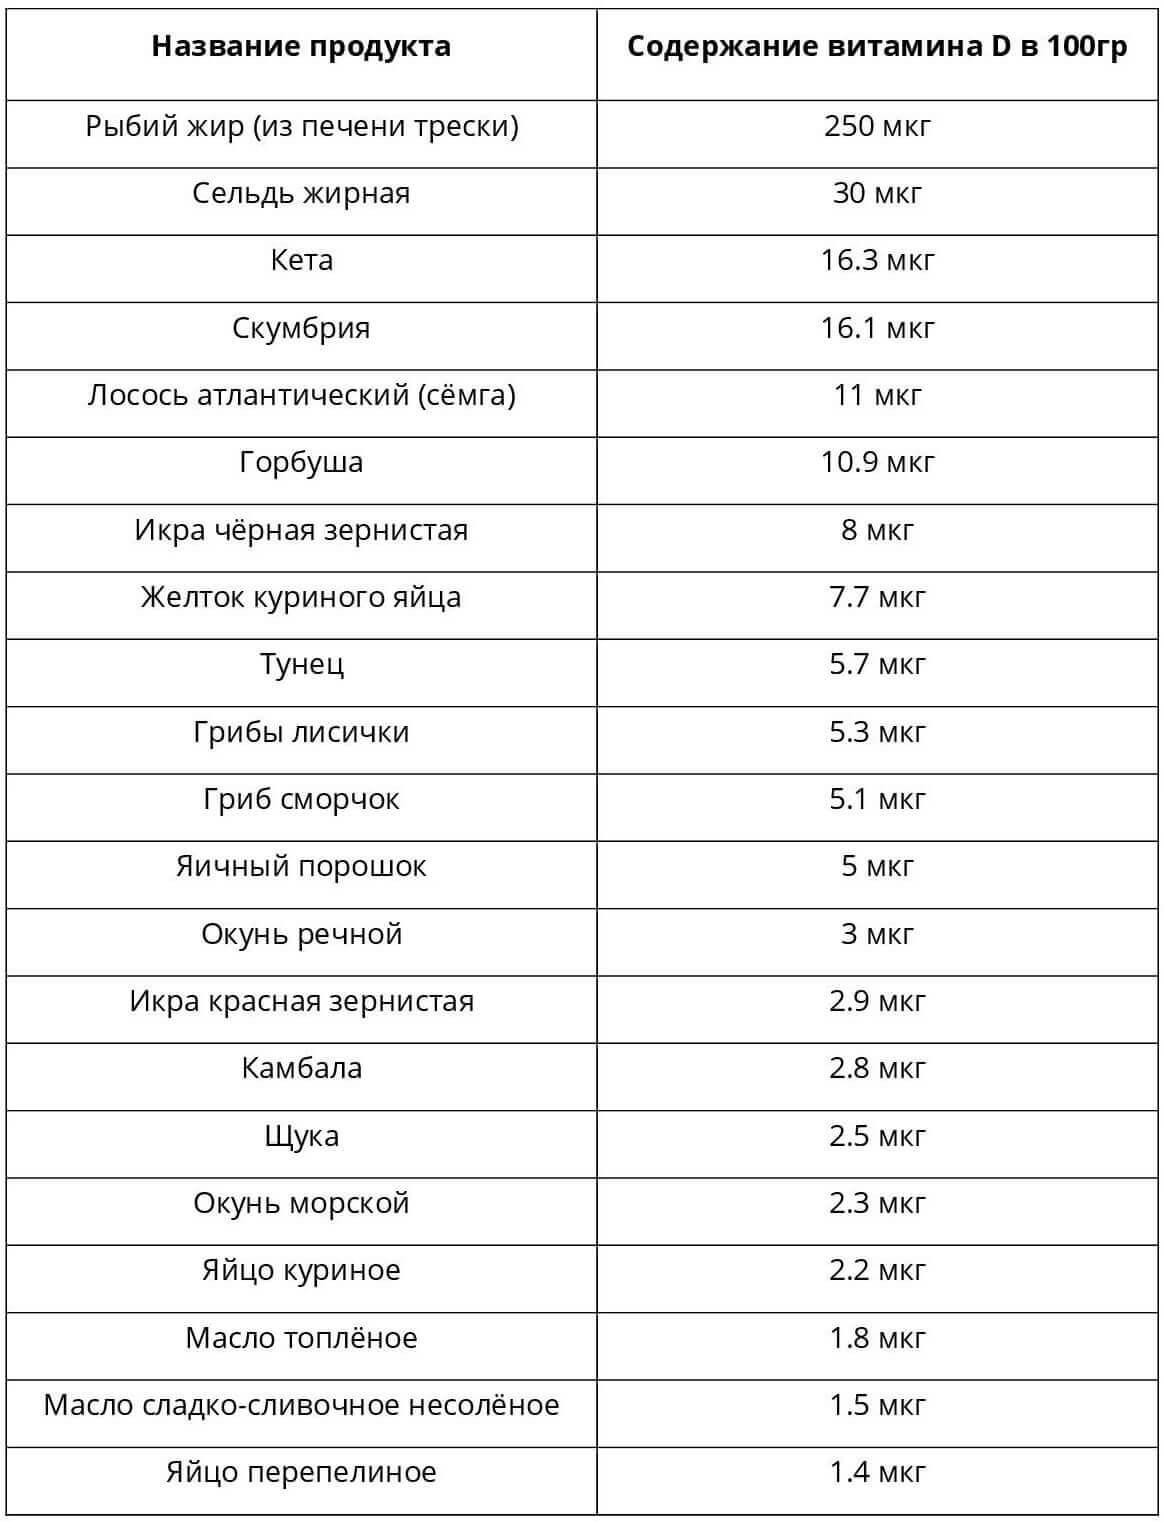 Список продуктов, содержащих витамины a, b, c, d, e